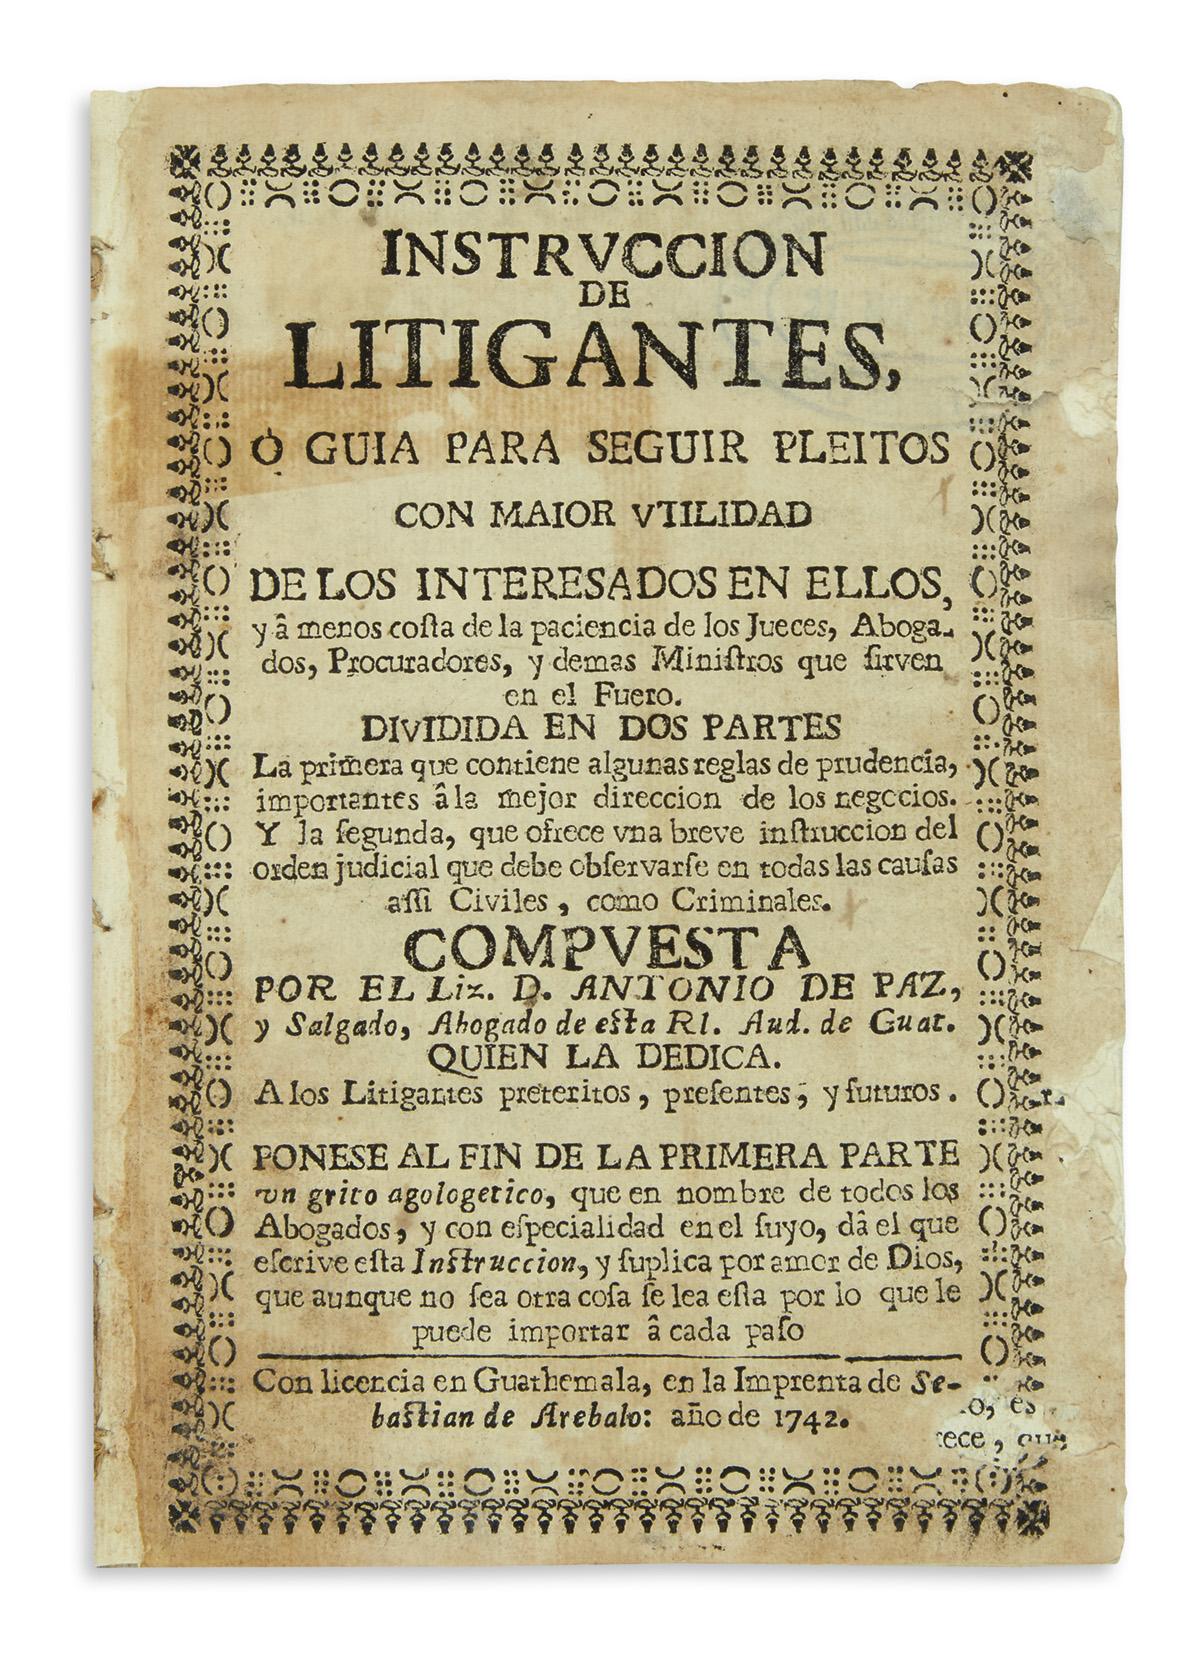 (GUATEMALA)-Paz-y-Salgado-Antonio-de-Instruccion-de-litigant